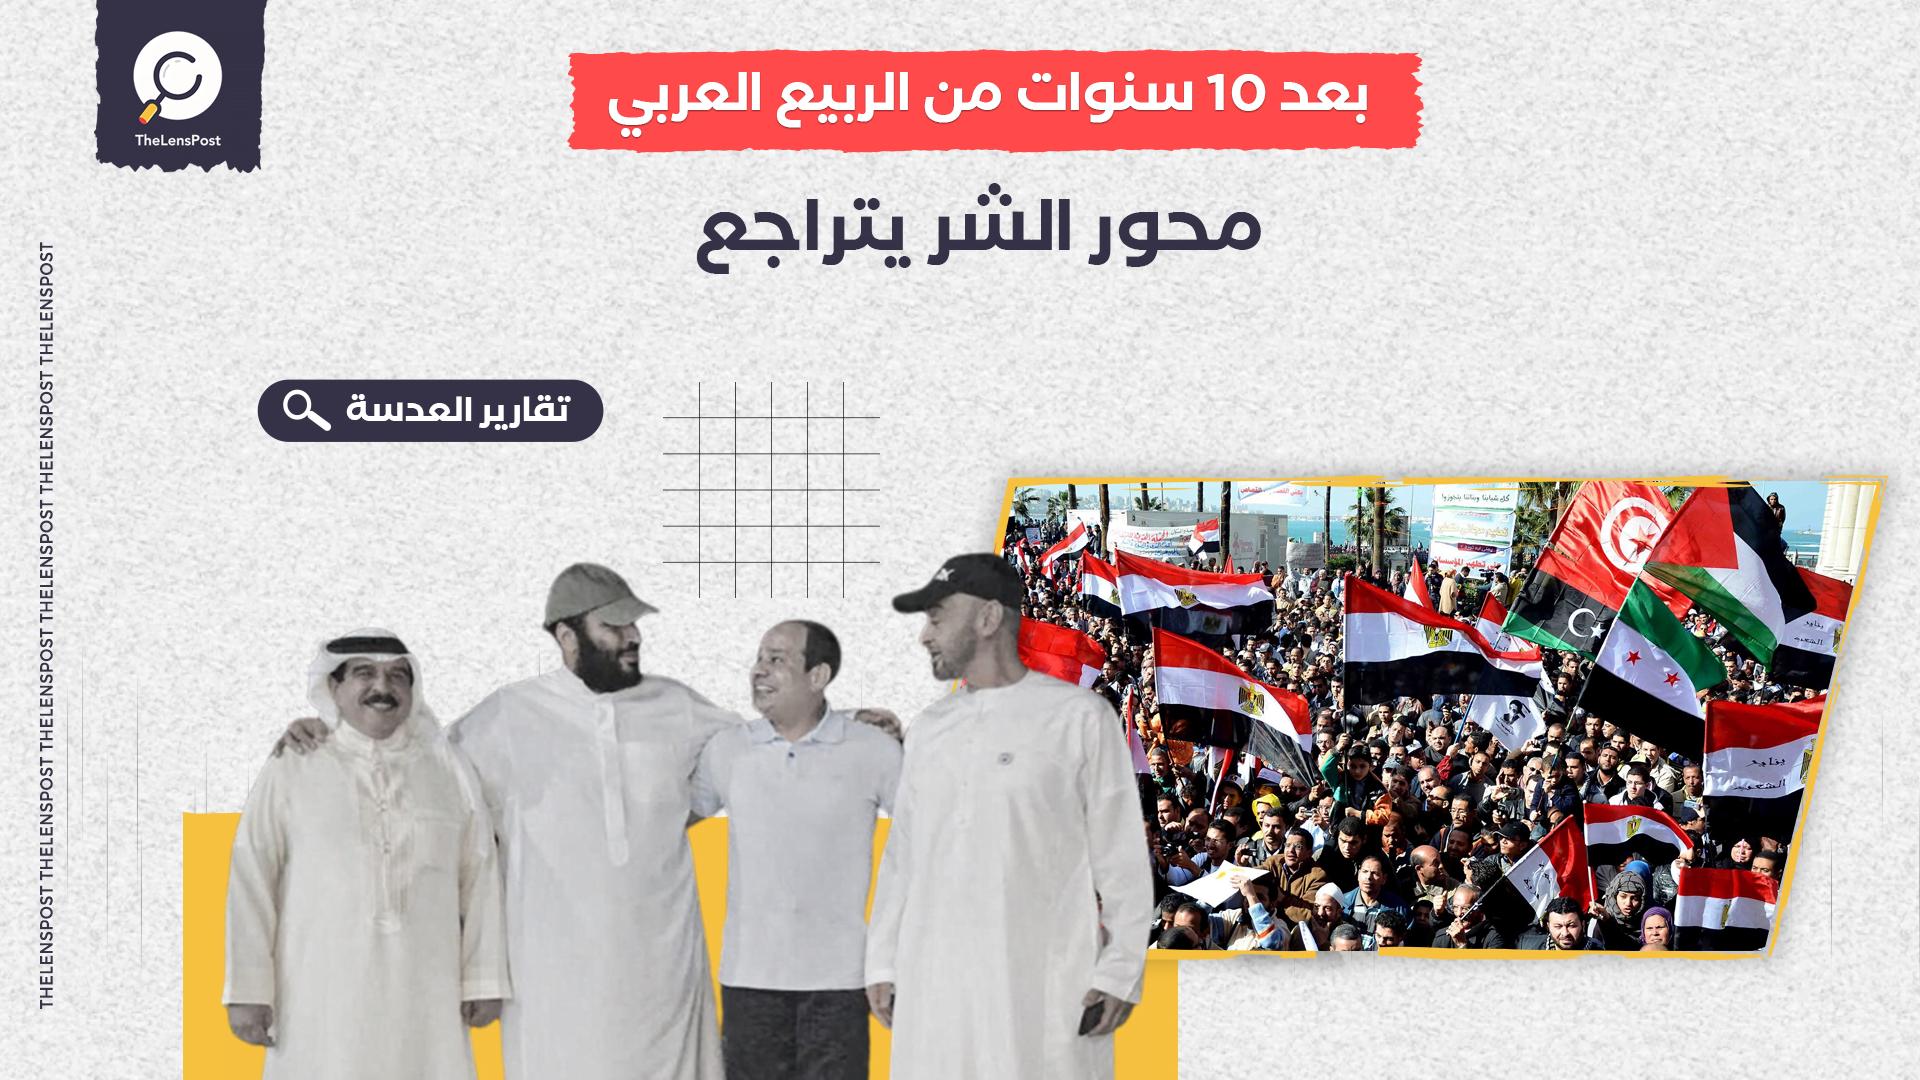 بعد 10 سنوات من الربيع العربي.. محور الشر يتراجع